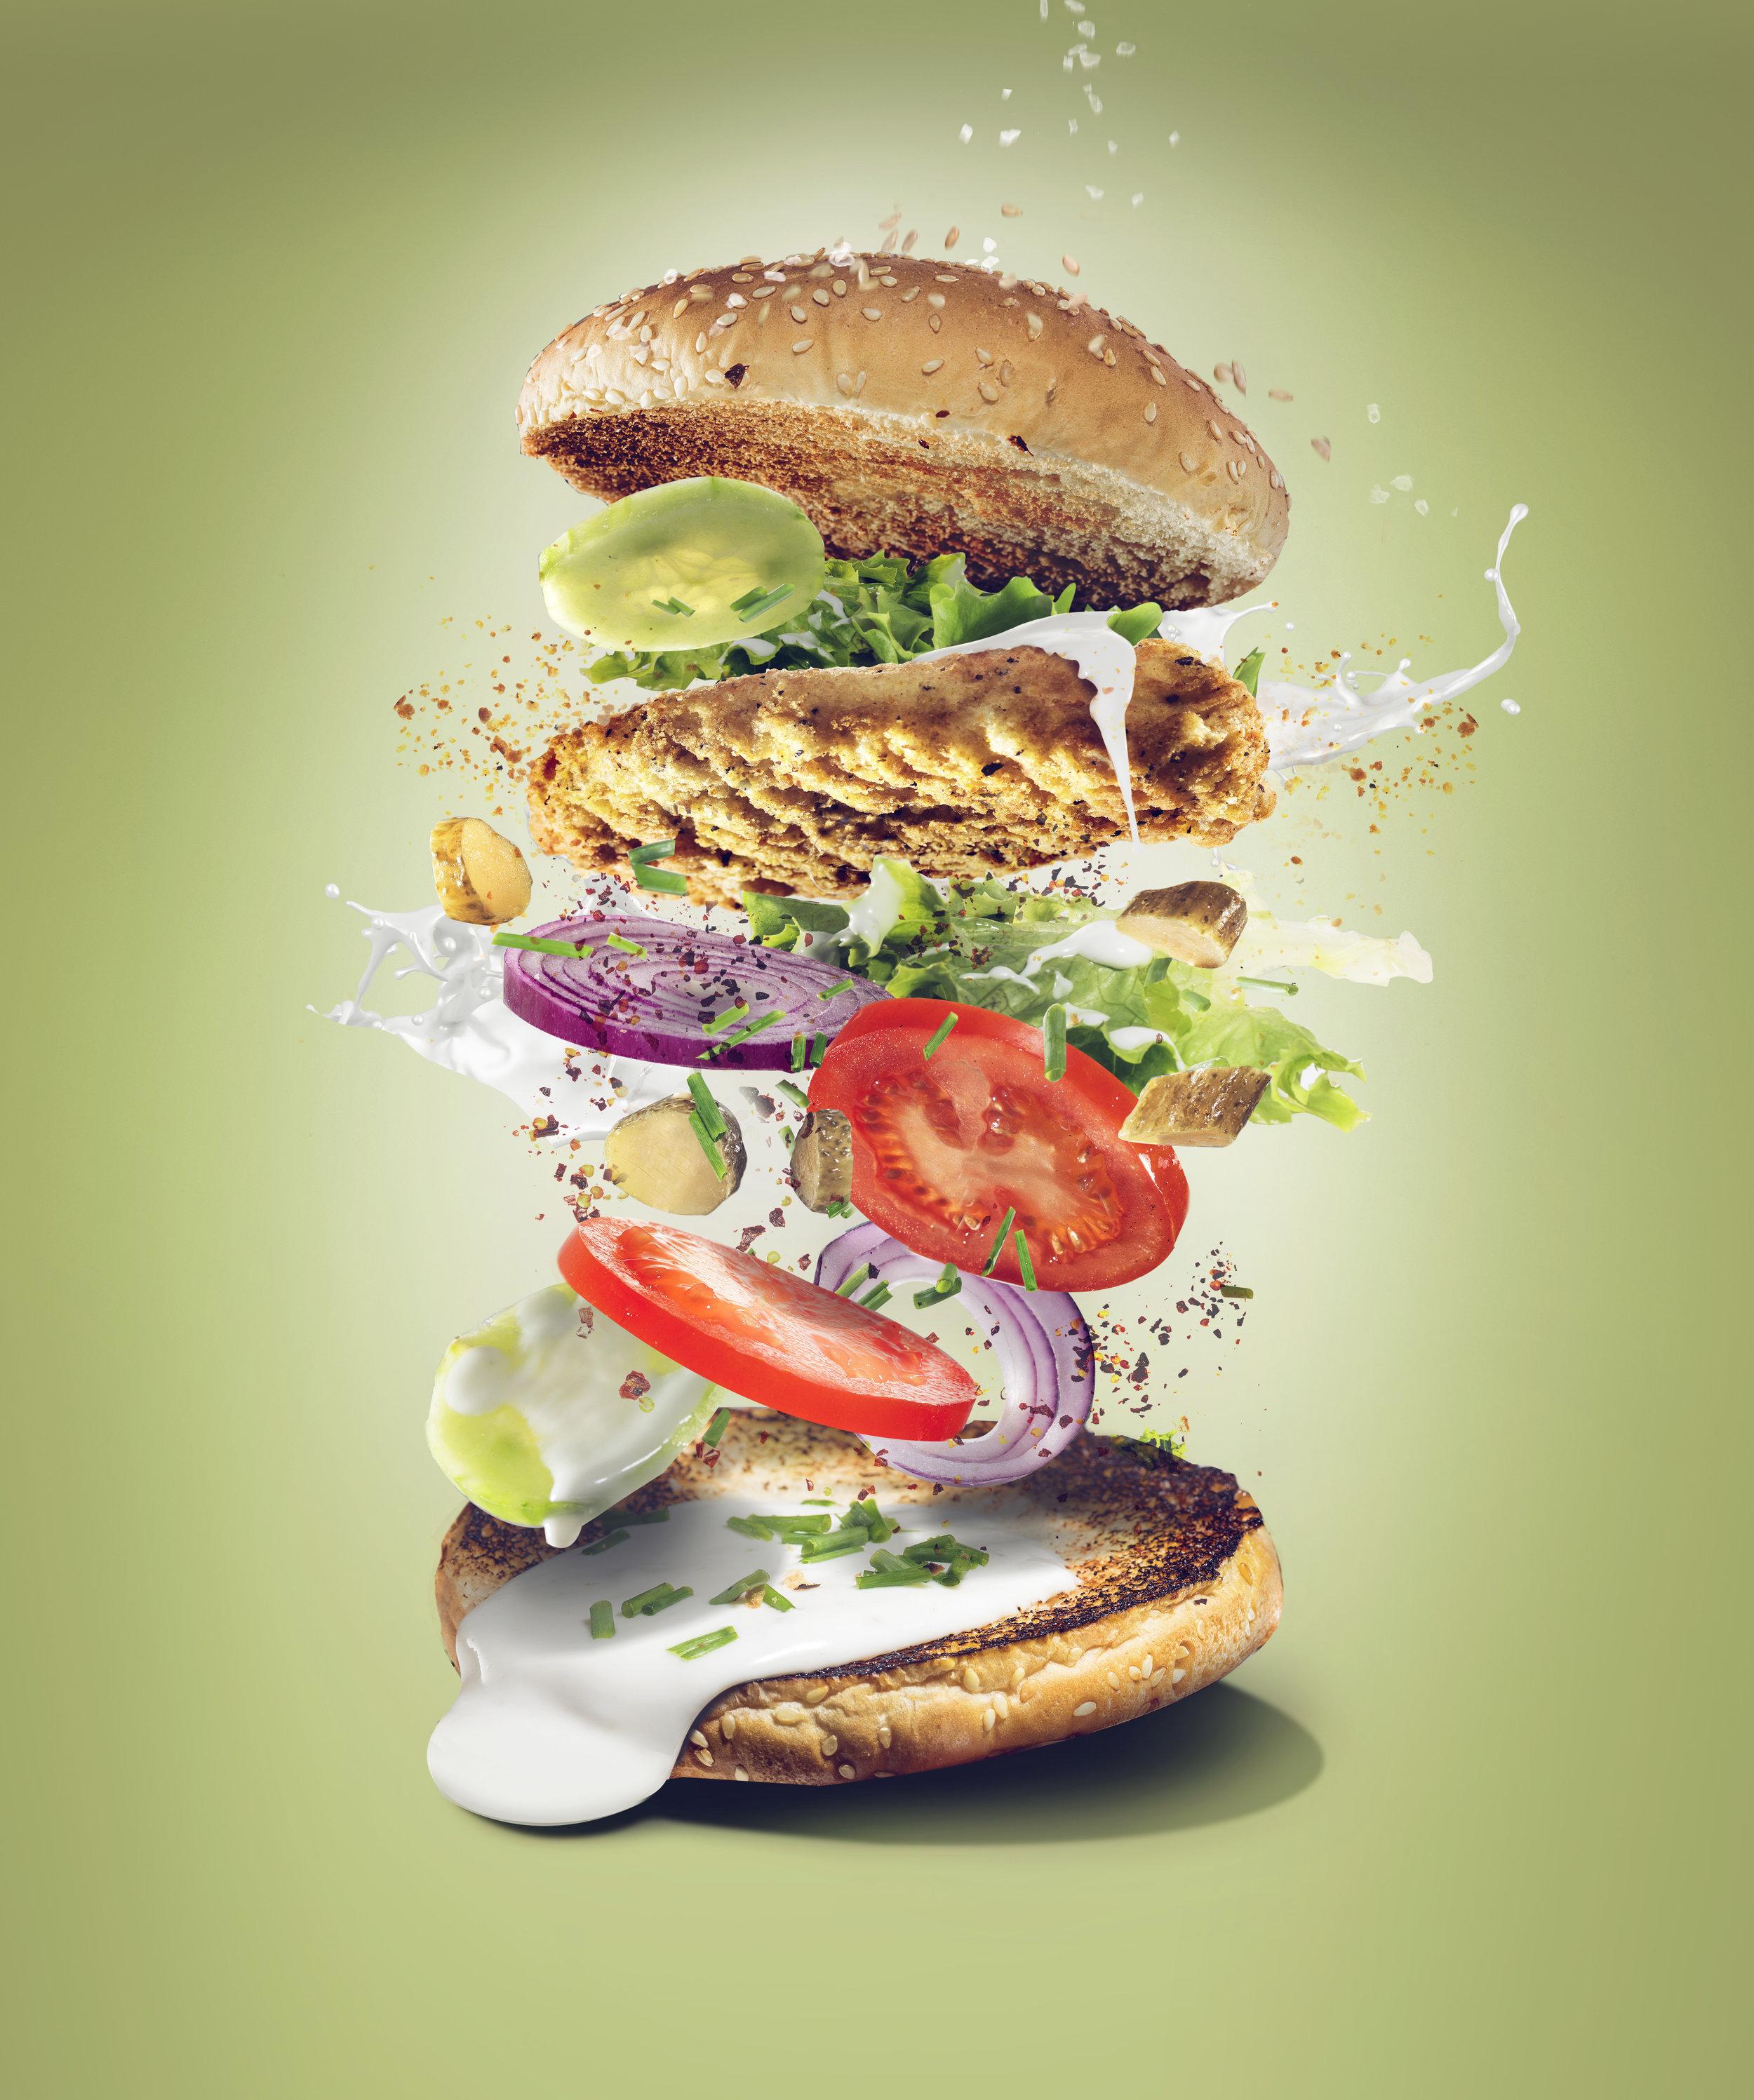 chicken burger3DEFORMED_FLAT 2 copy.jpg